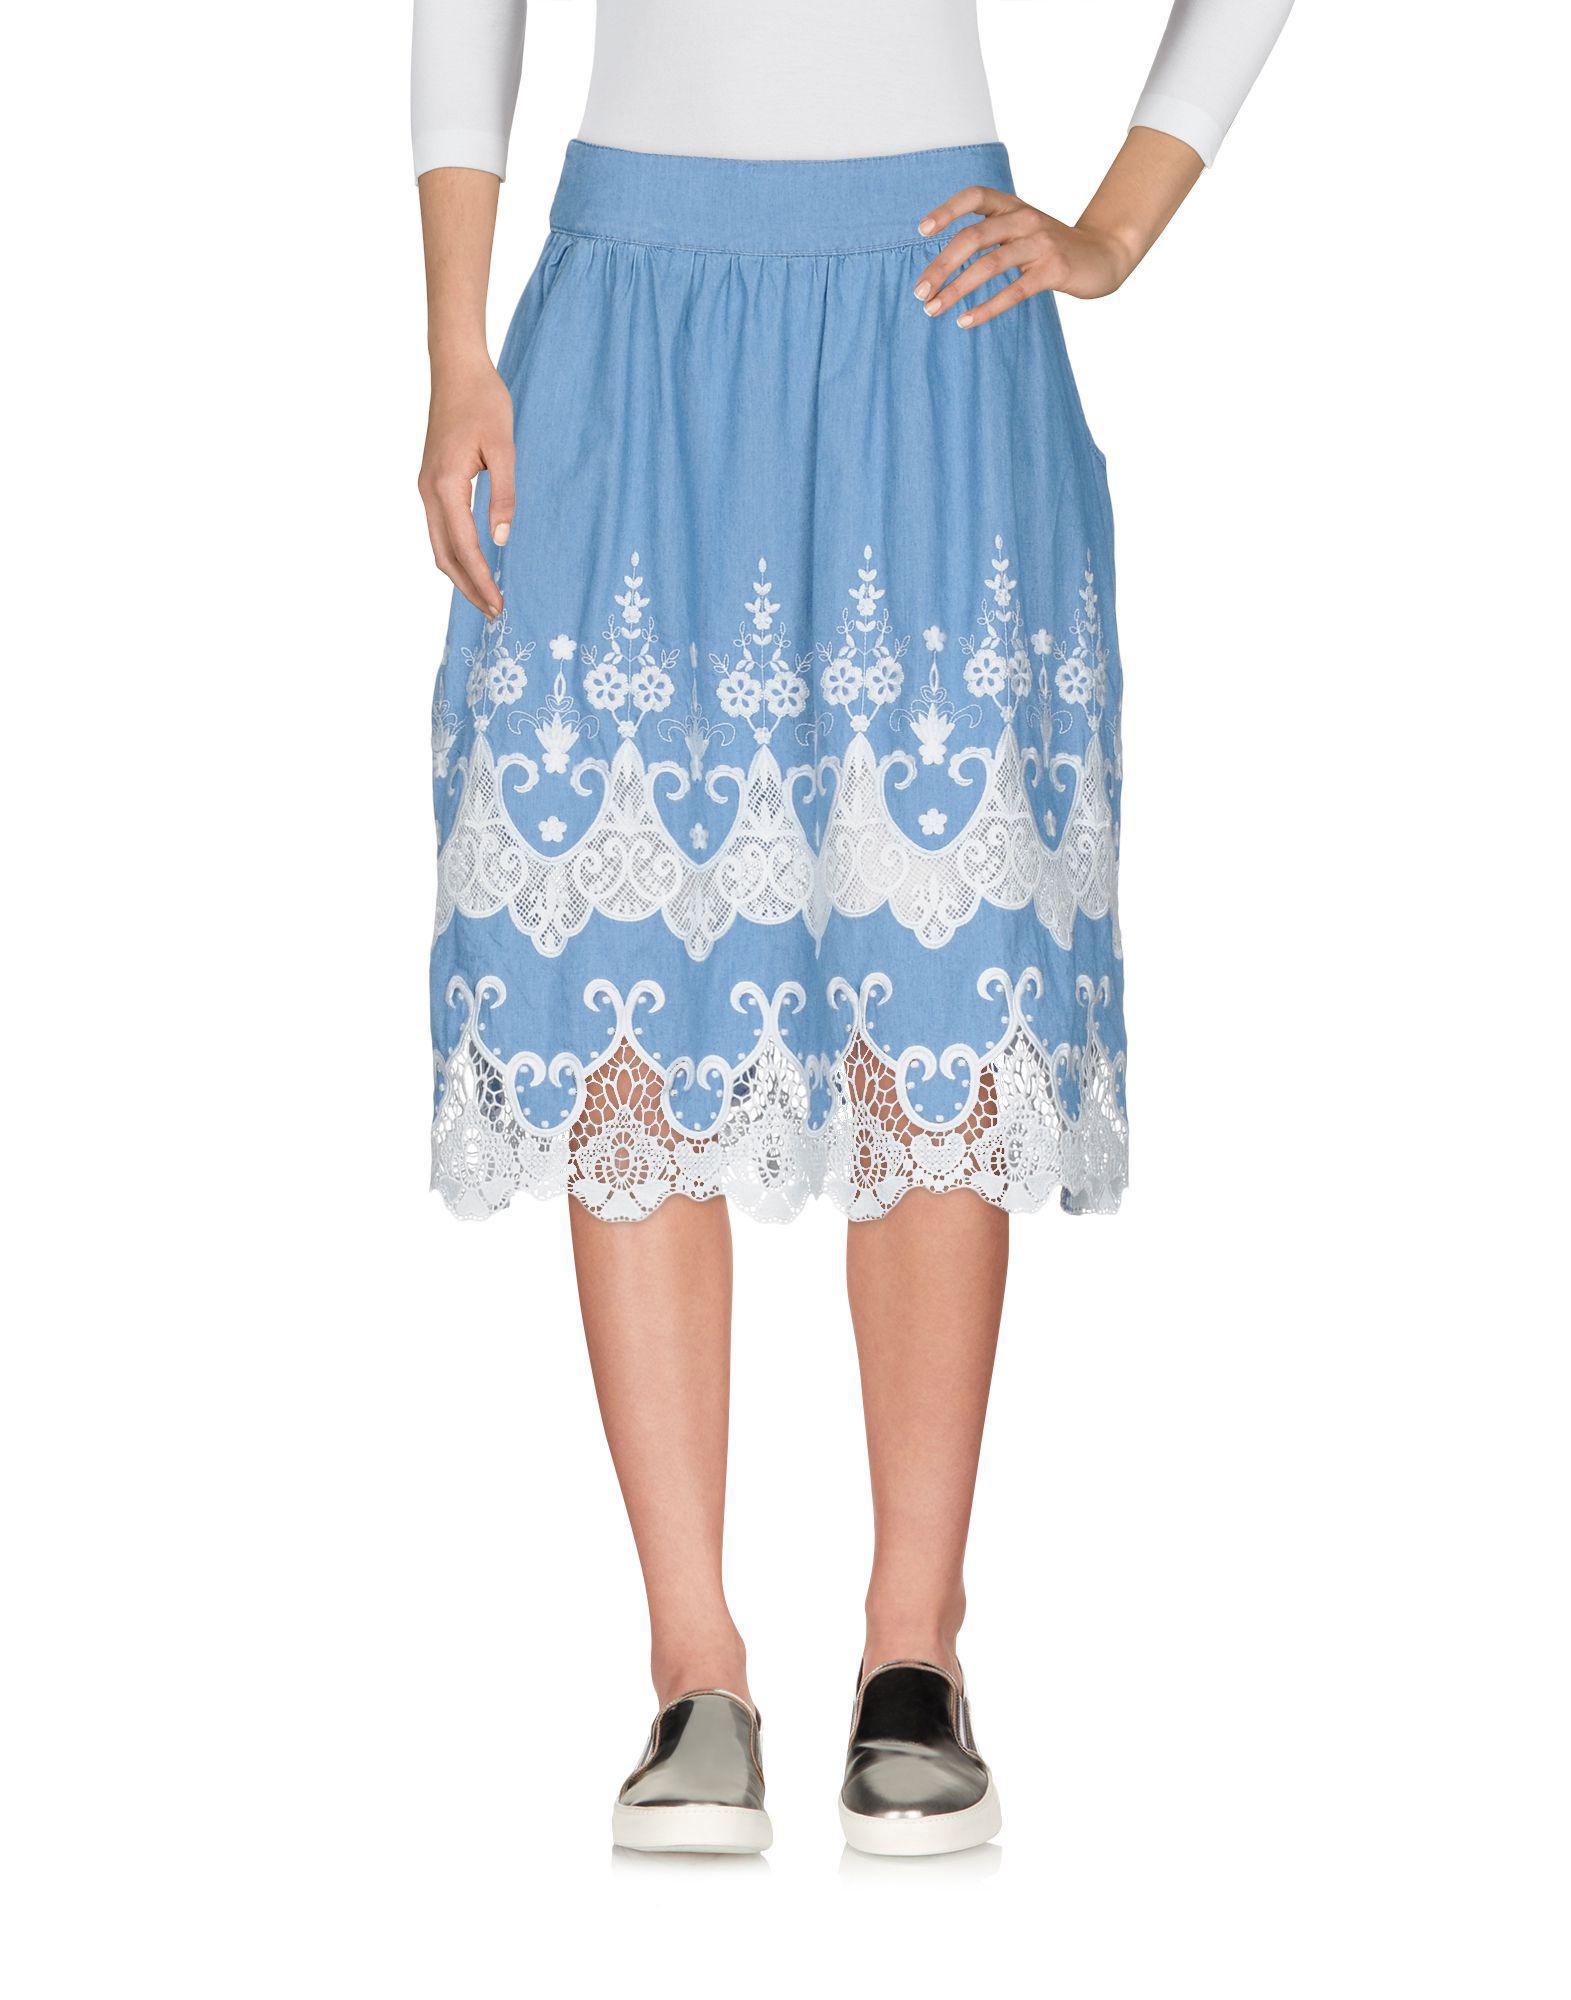 edd672b546 Desigual Denim Skirt in Blue - Lyst